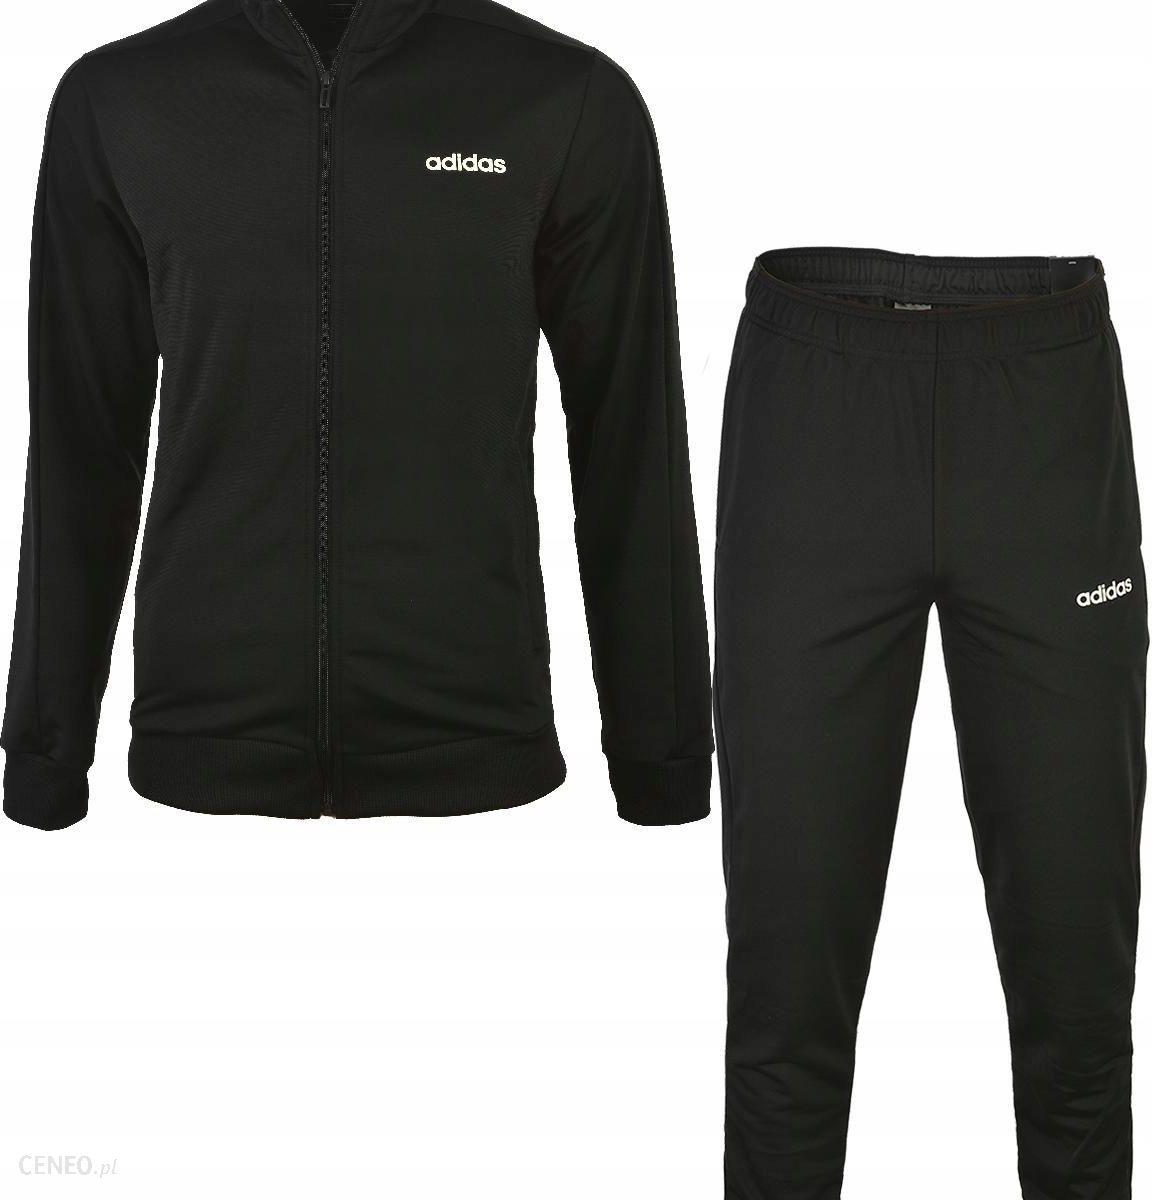 najlepiej kochany oficjalna strona podgląd Dres Adidas Bluza+Spodnie Sportowy (DV2470) XL - Ceny i opinie - Ceneo.pl